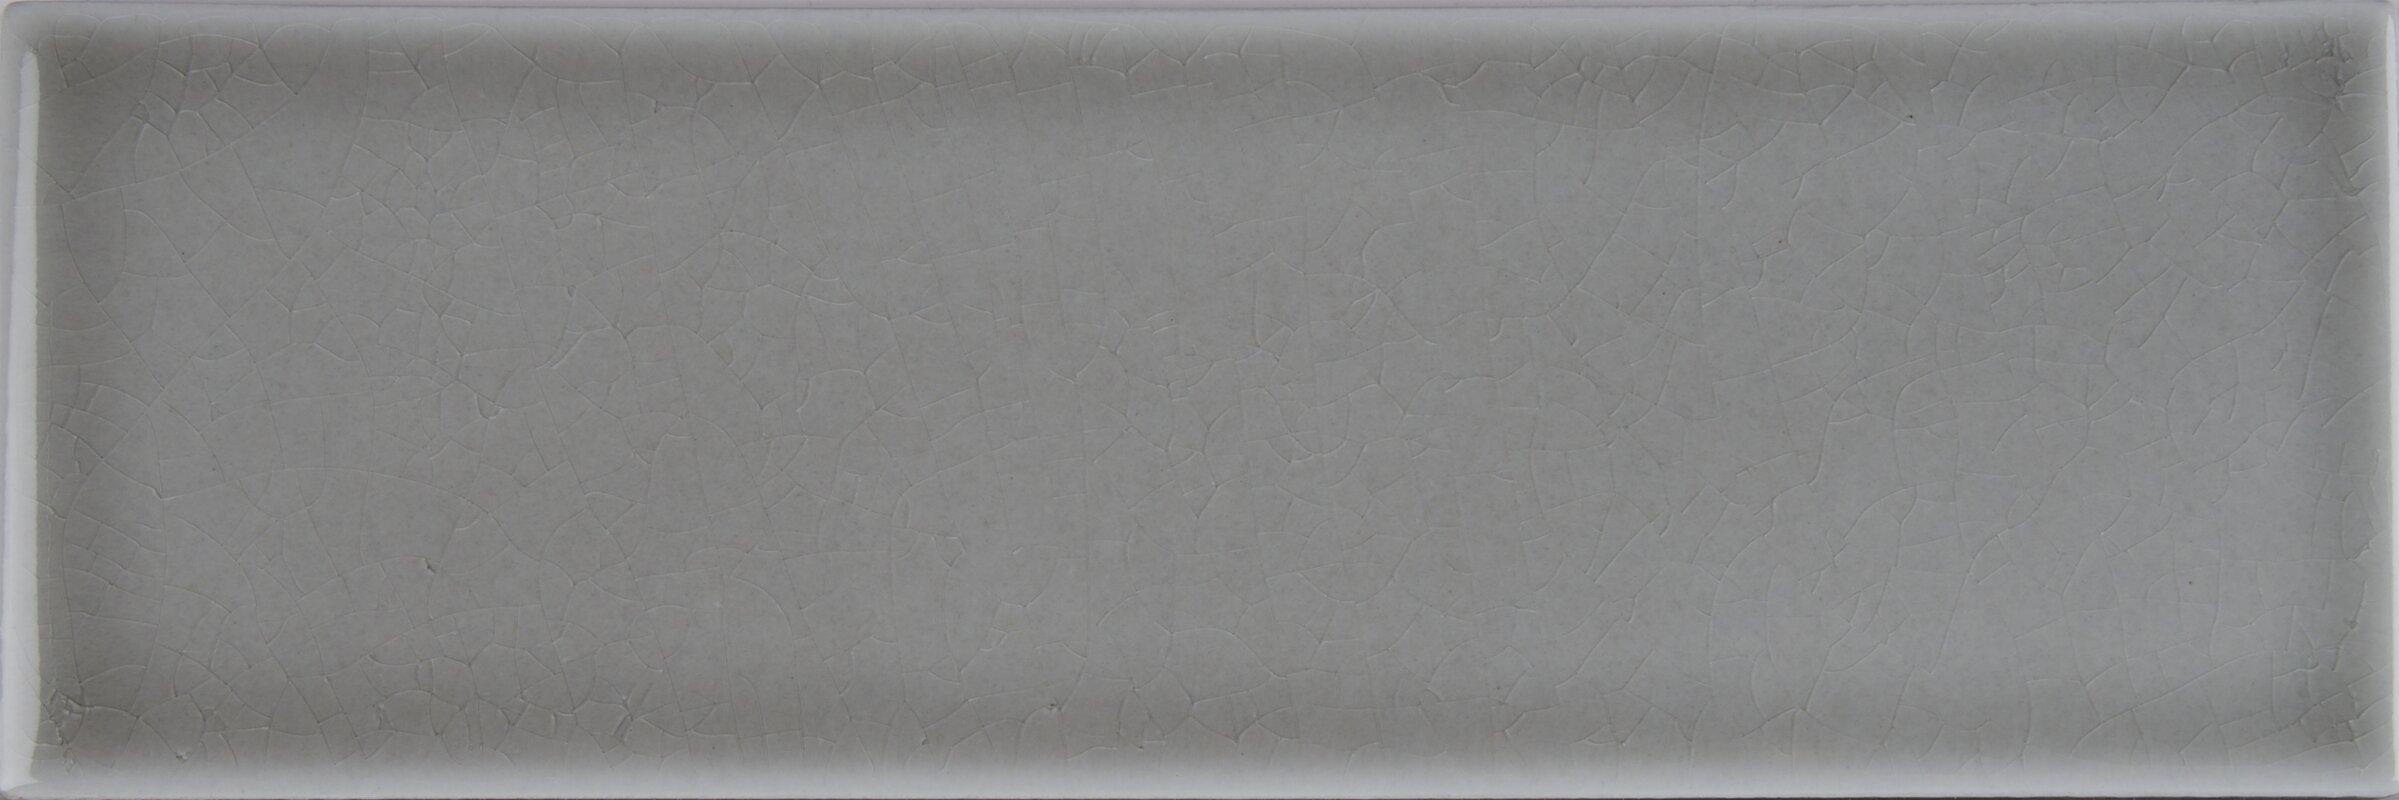 Msi 4 x 12 ceramic wall tile in dove gray reviews wayfair 4 x 12 ceramic wall tile in dailygadgetfo Choice Image